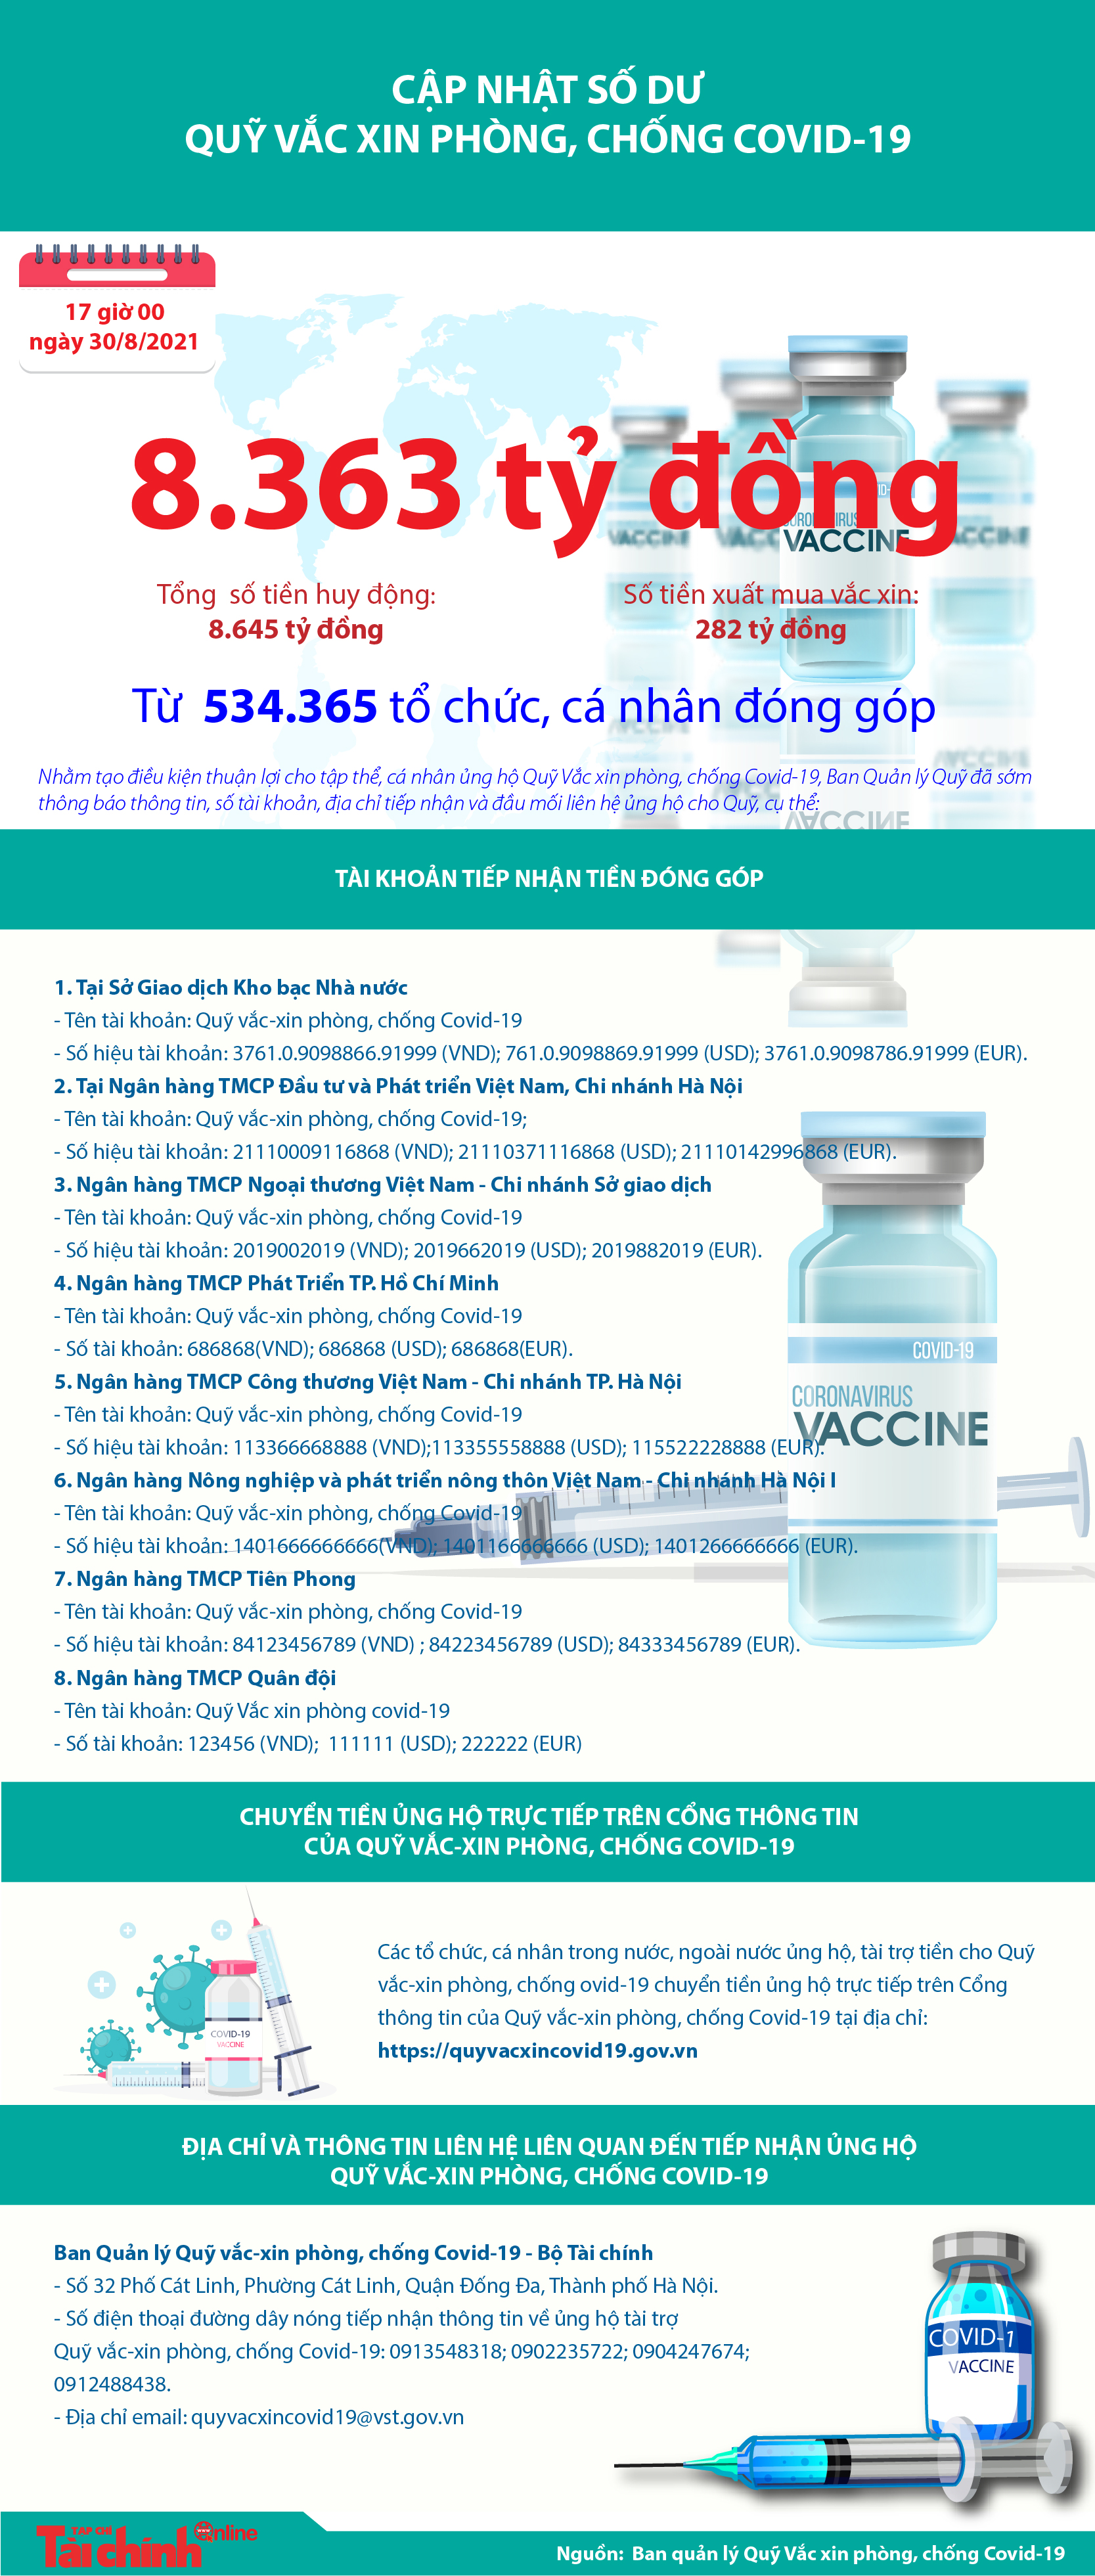 [Infographics] Quỹ Vắc xin phòng, chống COVID-19 còn dư 8.363 tỷ đồng - Ảnh 1